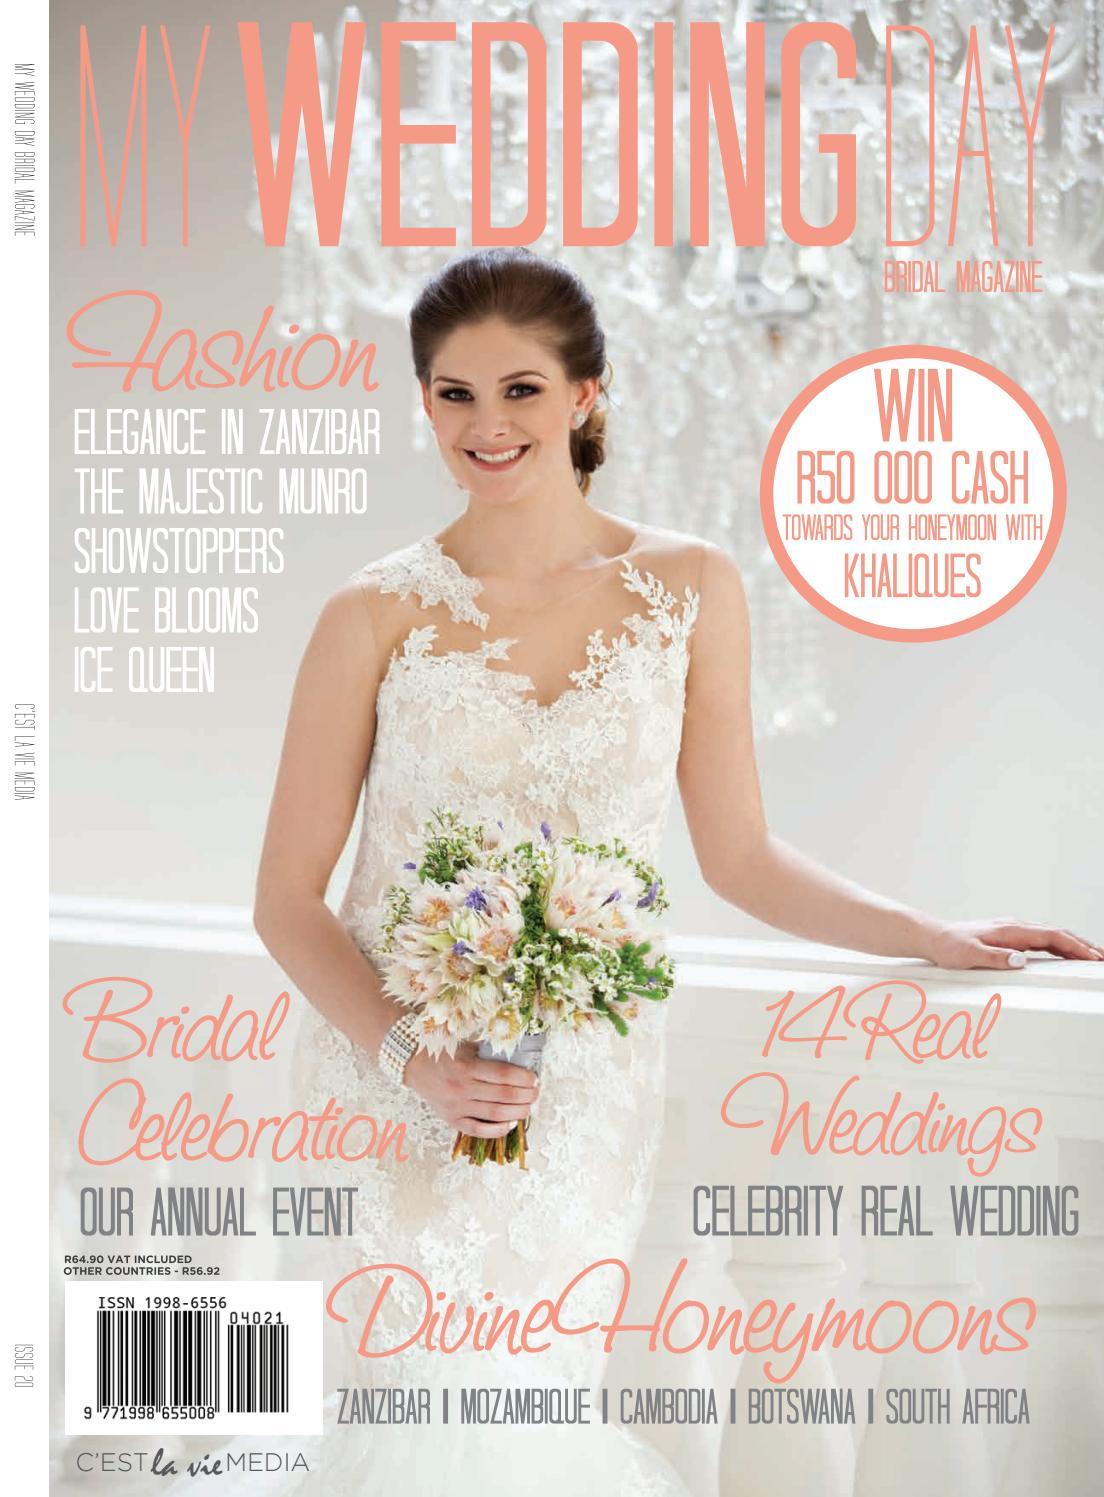 My Wedding Day Bridal Magazine Issue 20 by My Wedding Day - issuu